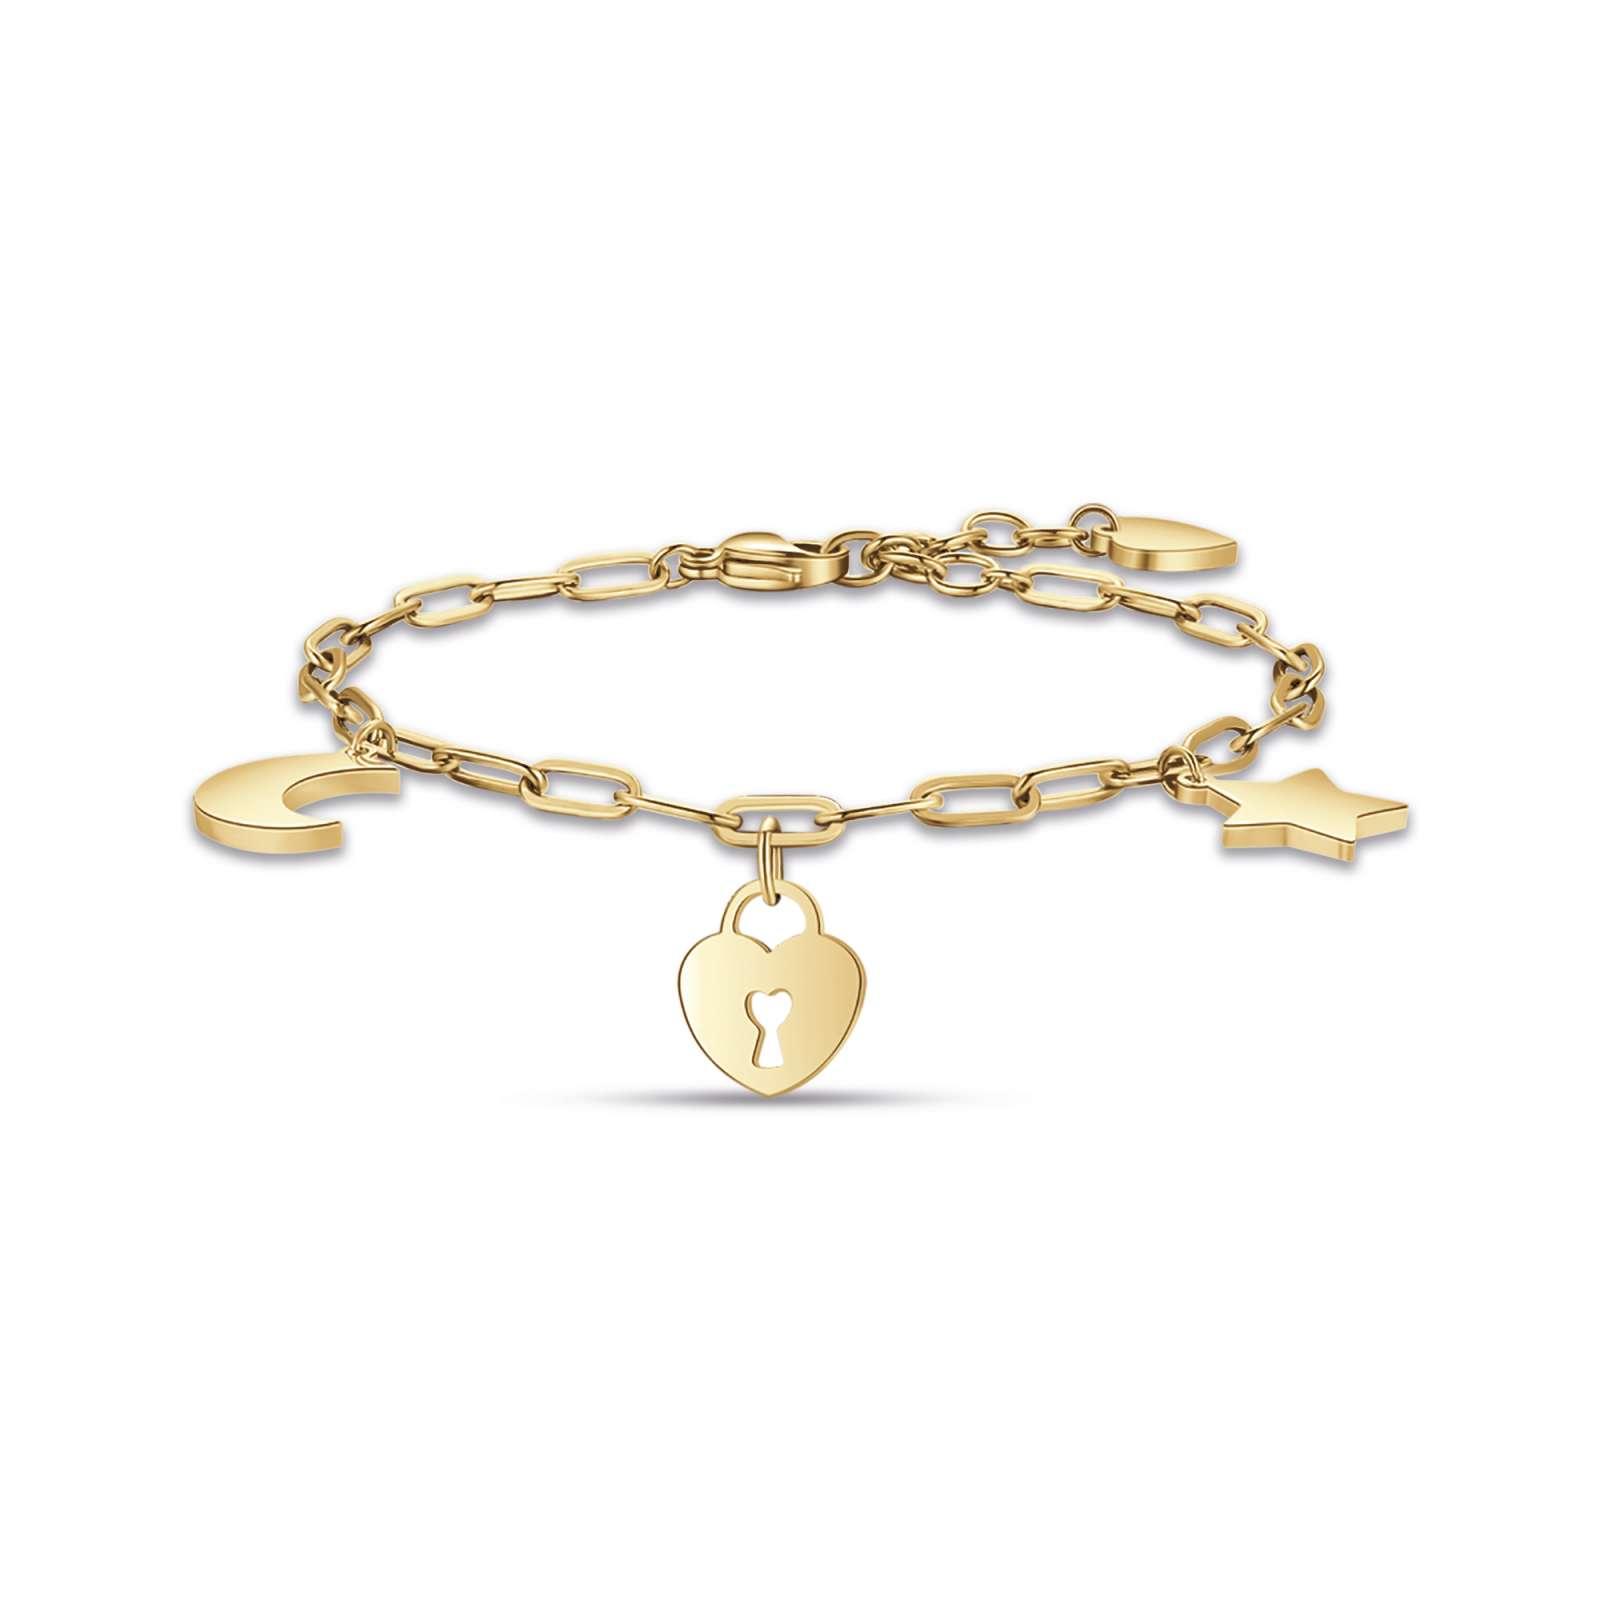 Luca Barra - Bracciale in acciaio ip gold con luna cuore lucchetto e stella